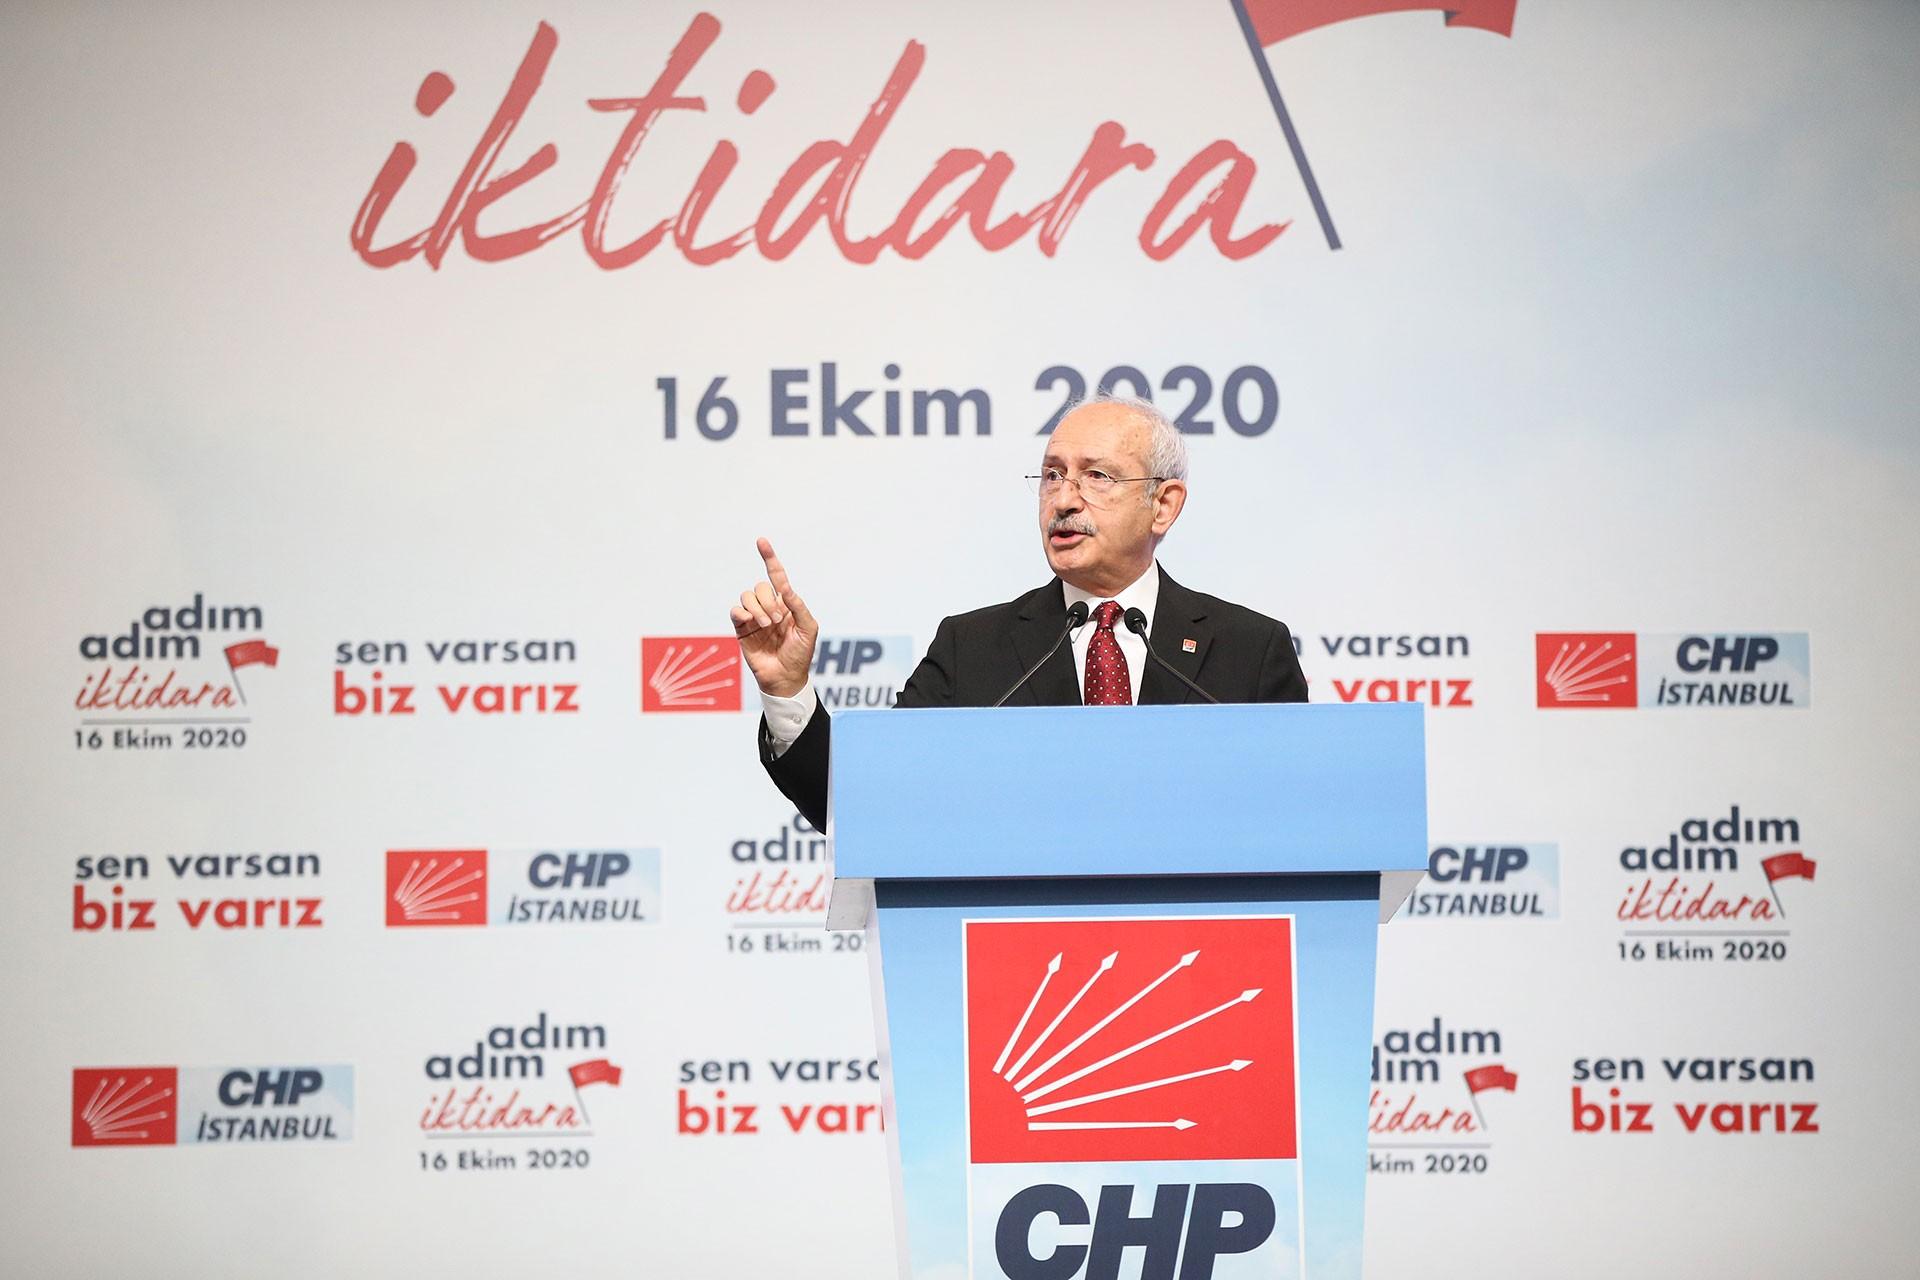 Kılıçdaroğlu kürsüde konuşuyor.